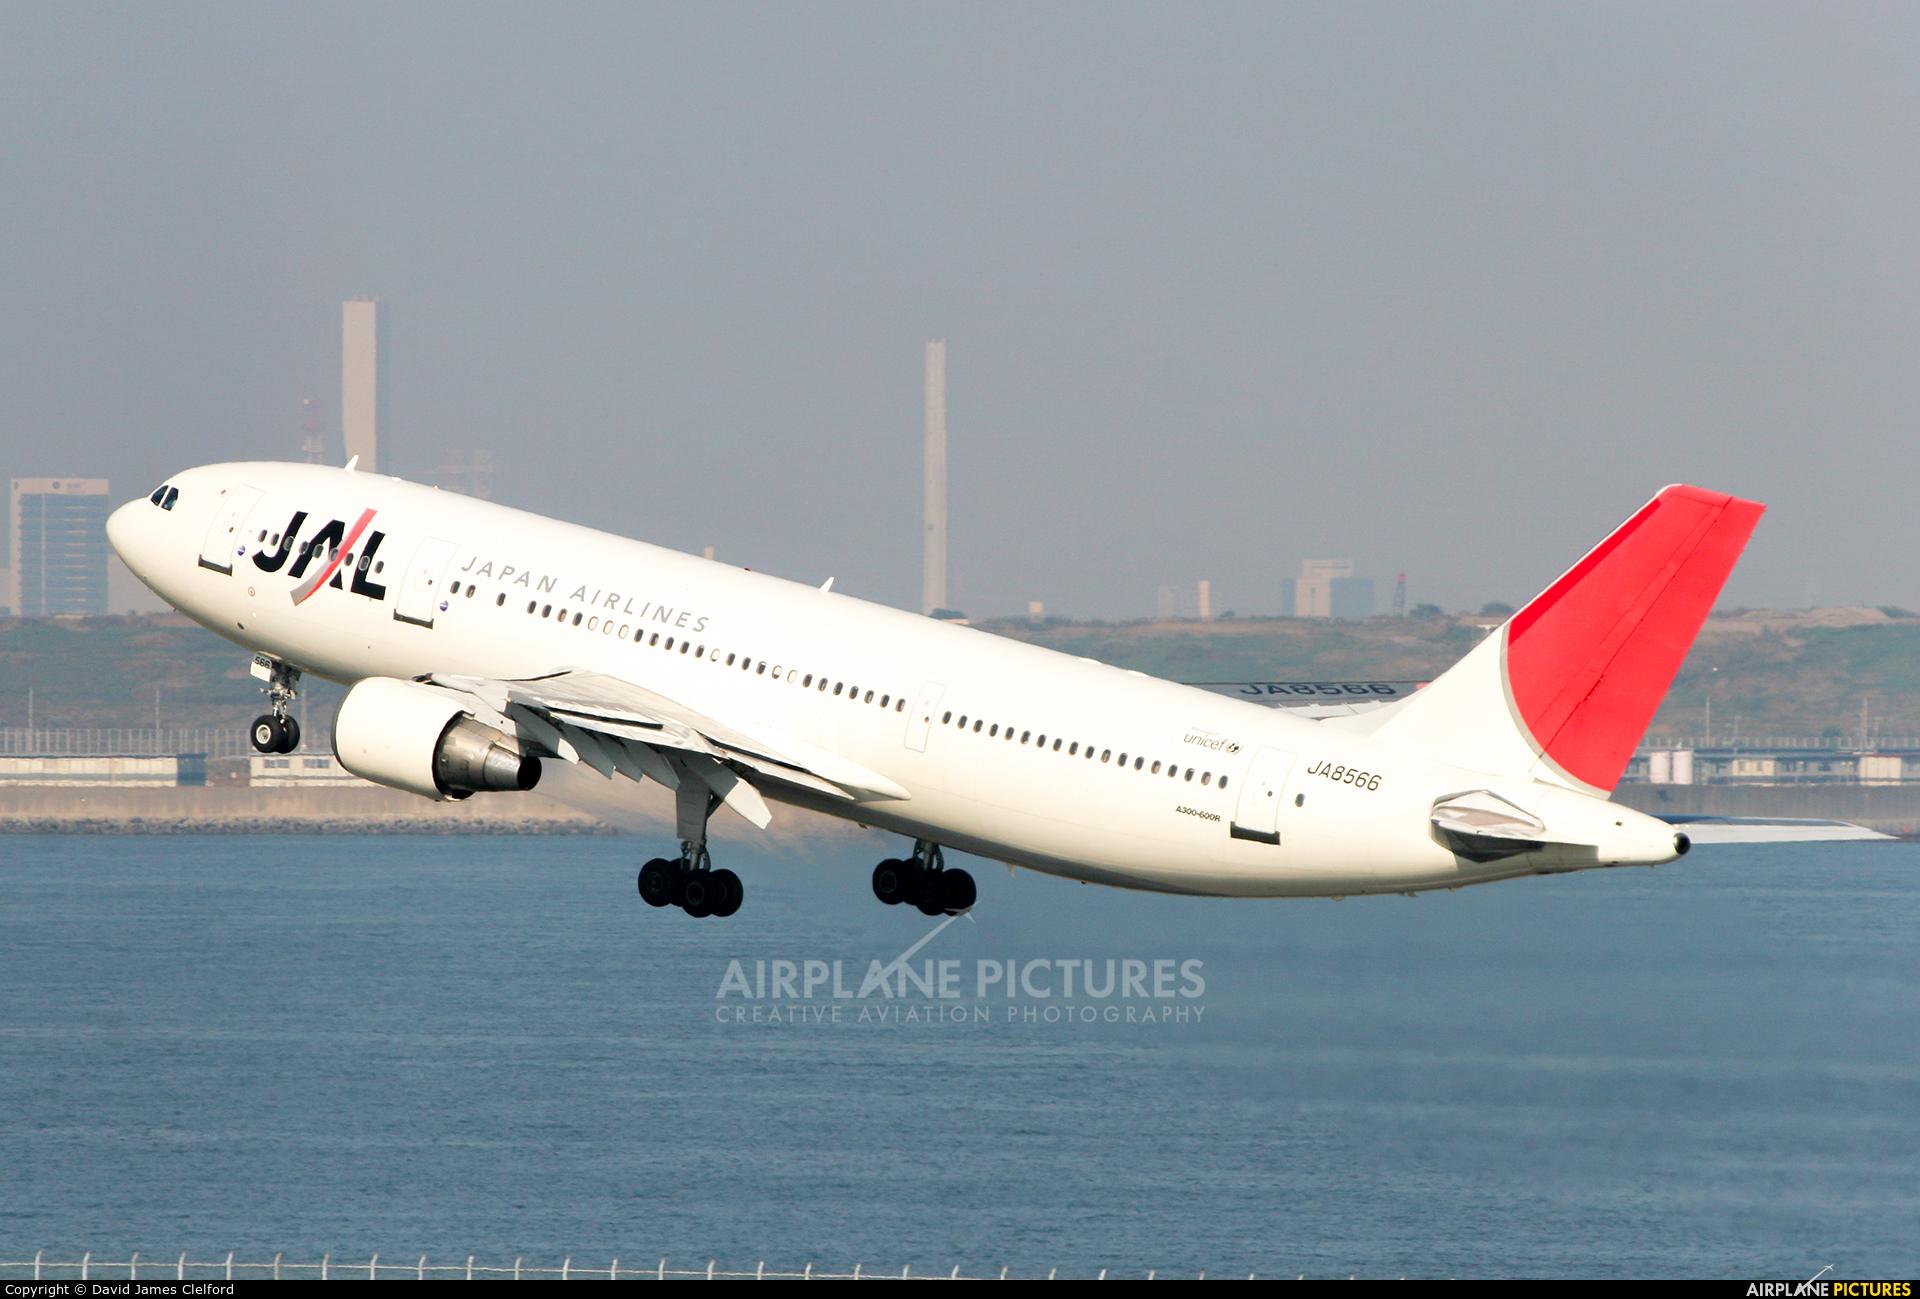 JAL - Japan Airlines JA8566 aircraft at Tokyo - Haneda Intl